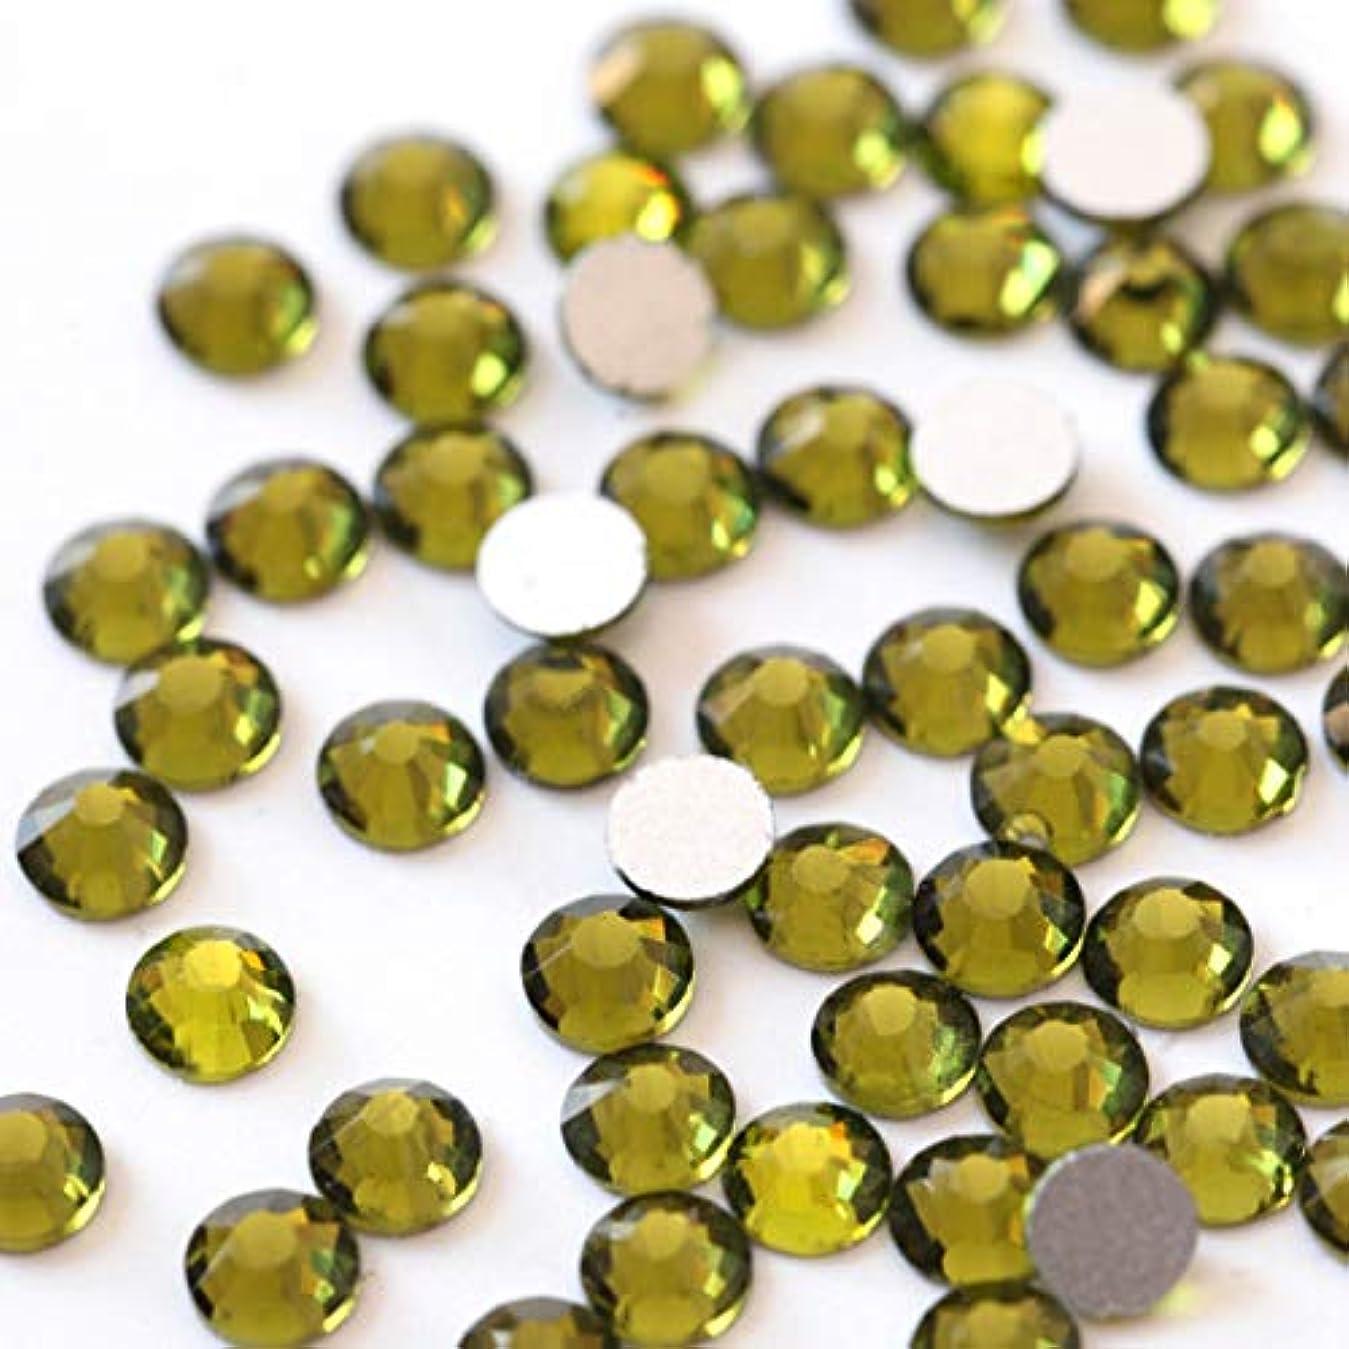 準備ができて素晴らしき悪行【ラインストーン77】高品質ガラス製ラインストーン オリーブ(2.6mm (SS10) 約200粒)